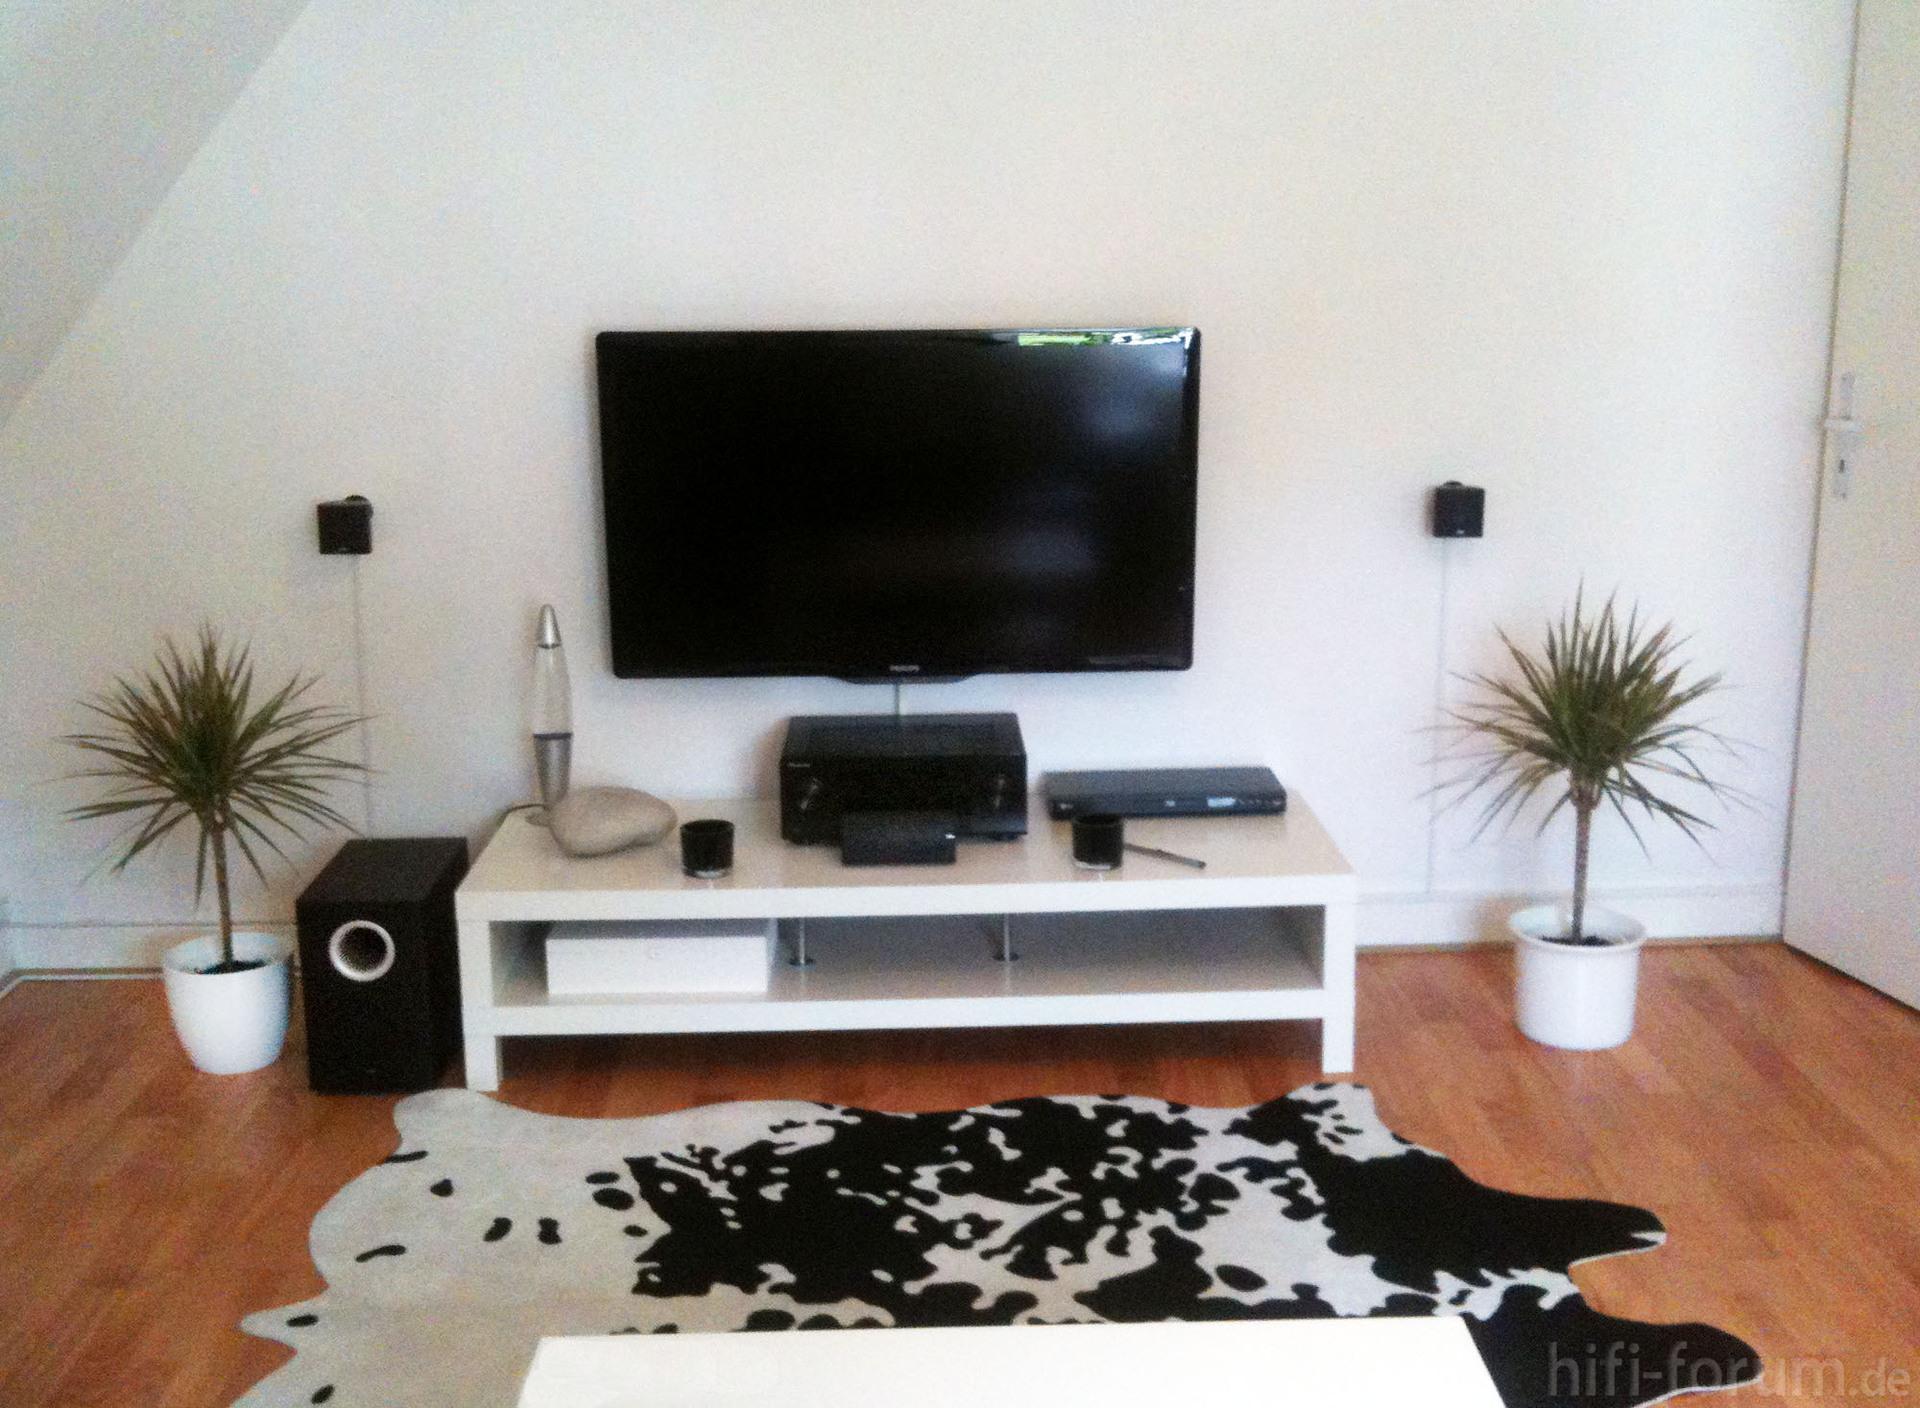 Neukauf Oder Aufrsten 20qm Wohnzimmer Kaufberatung Surround